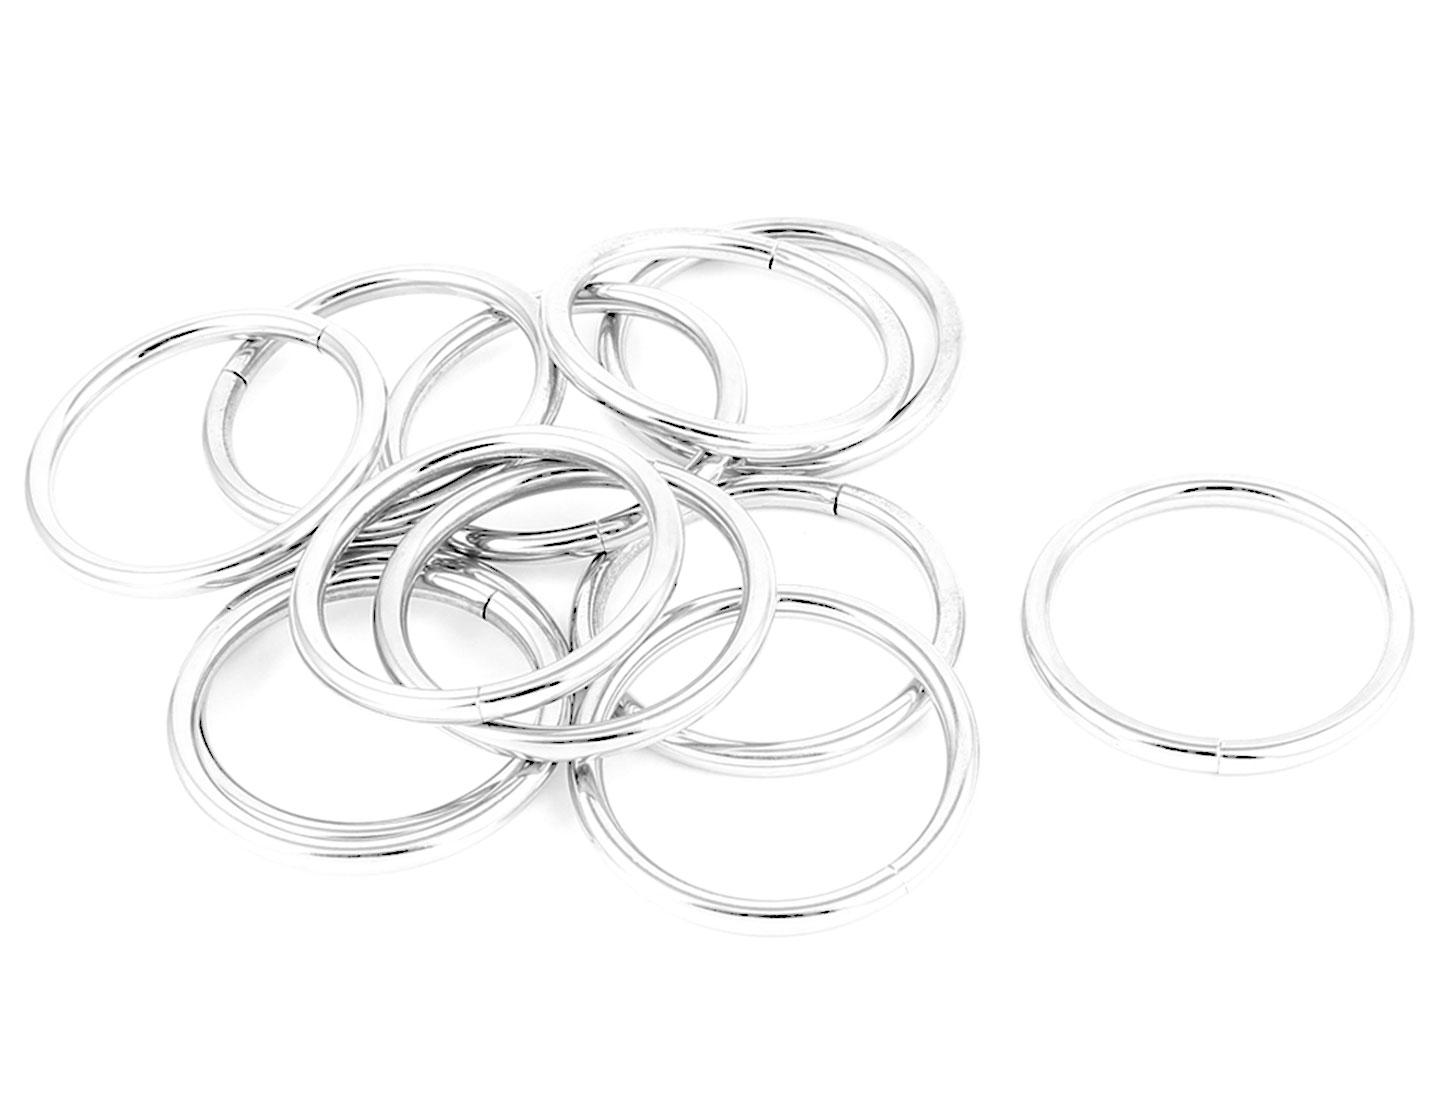 12pcs 3.8cm Inner Dia Silver Tone Metal Handbag Bag Link Belt O Ring Loop Buckle